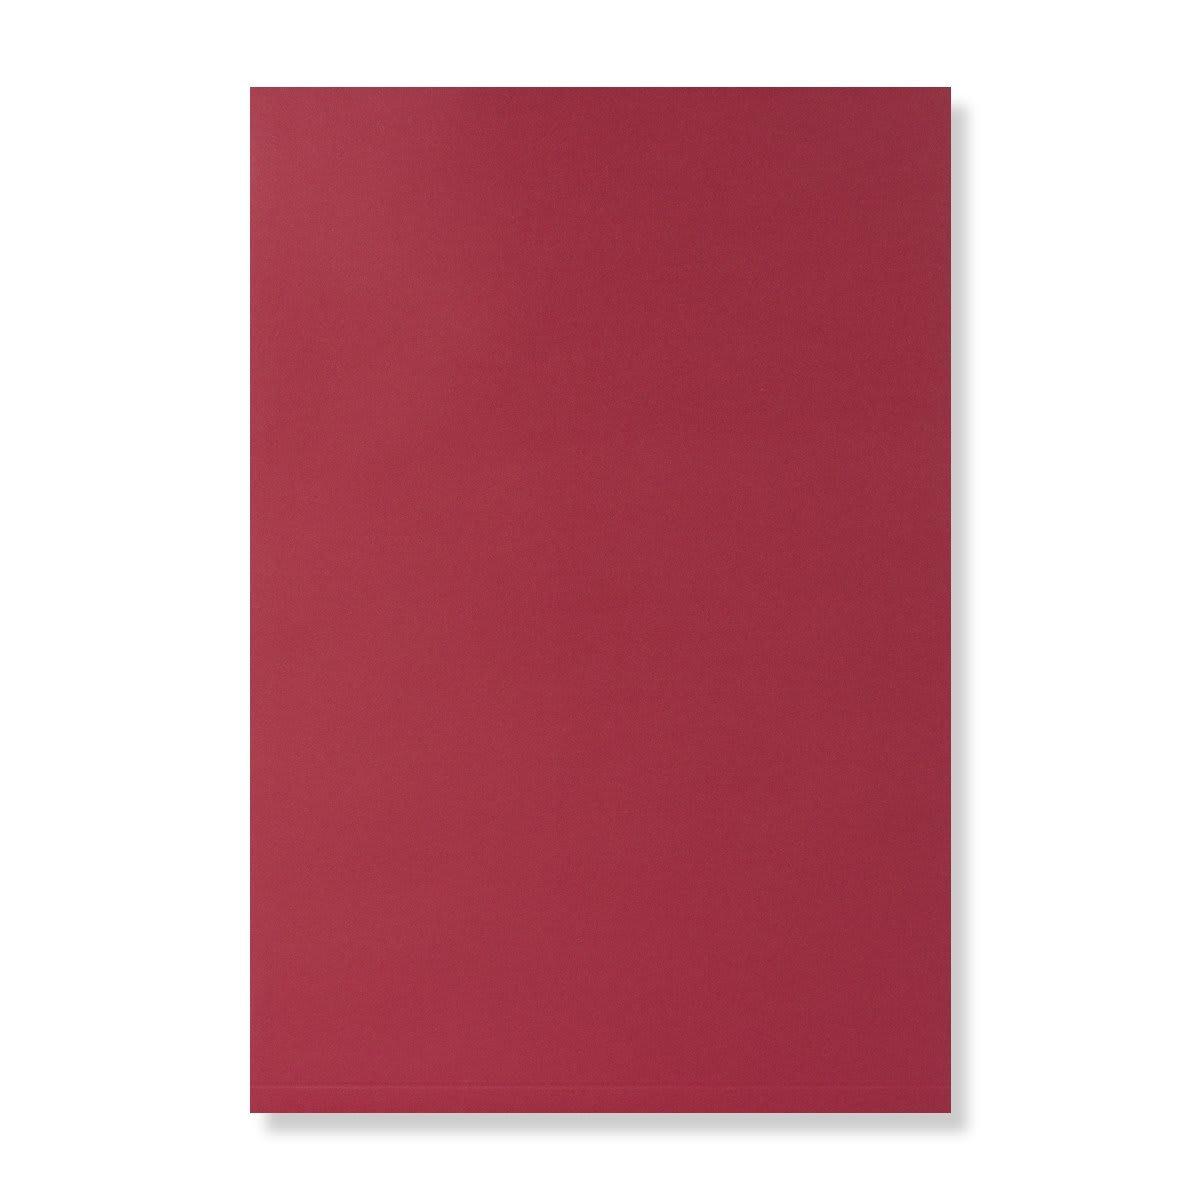 C4 RED GUSSET STRING & WASHER ENVELOPES 180GSM